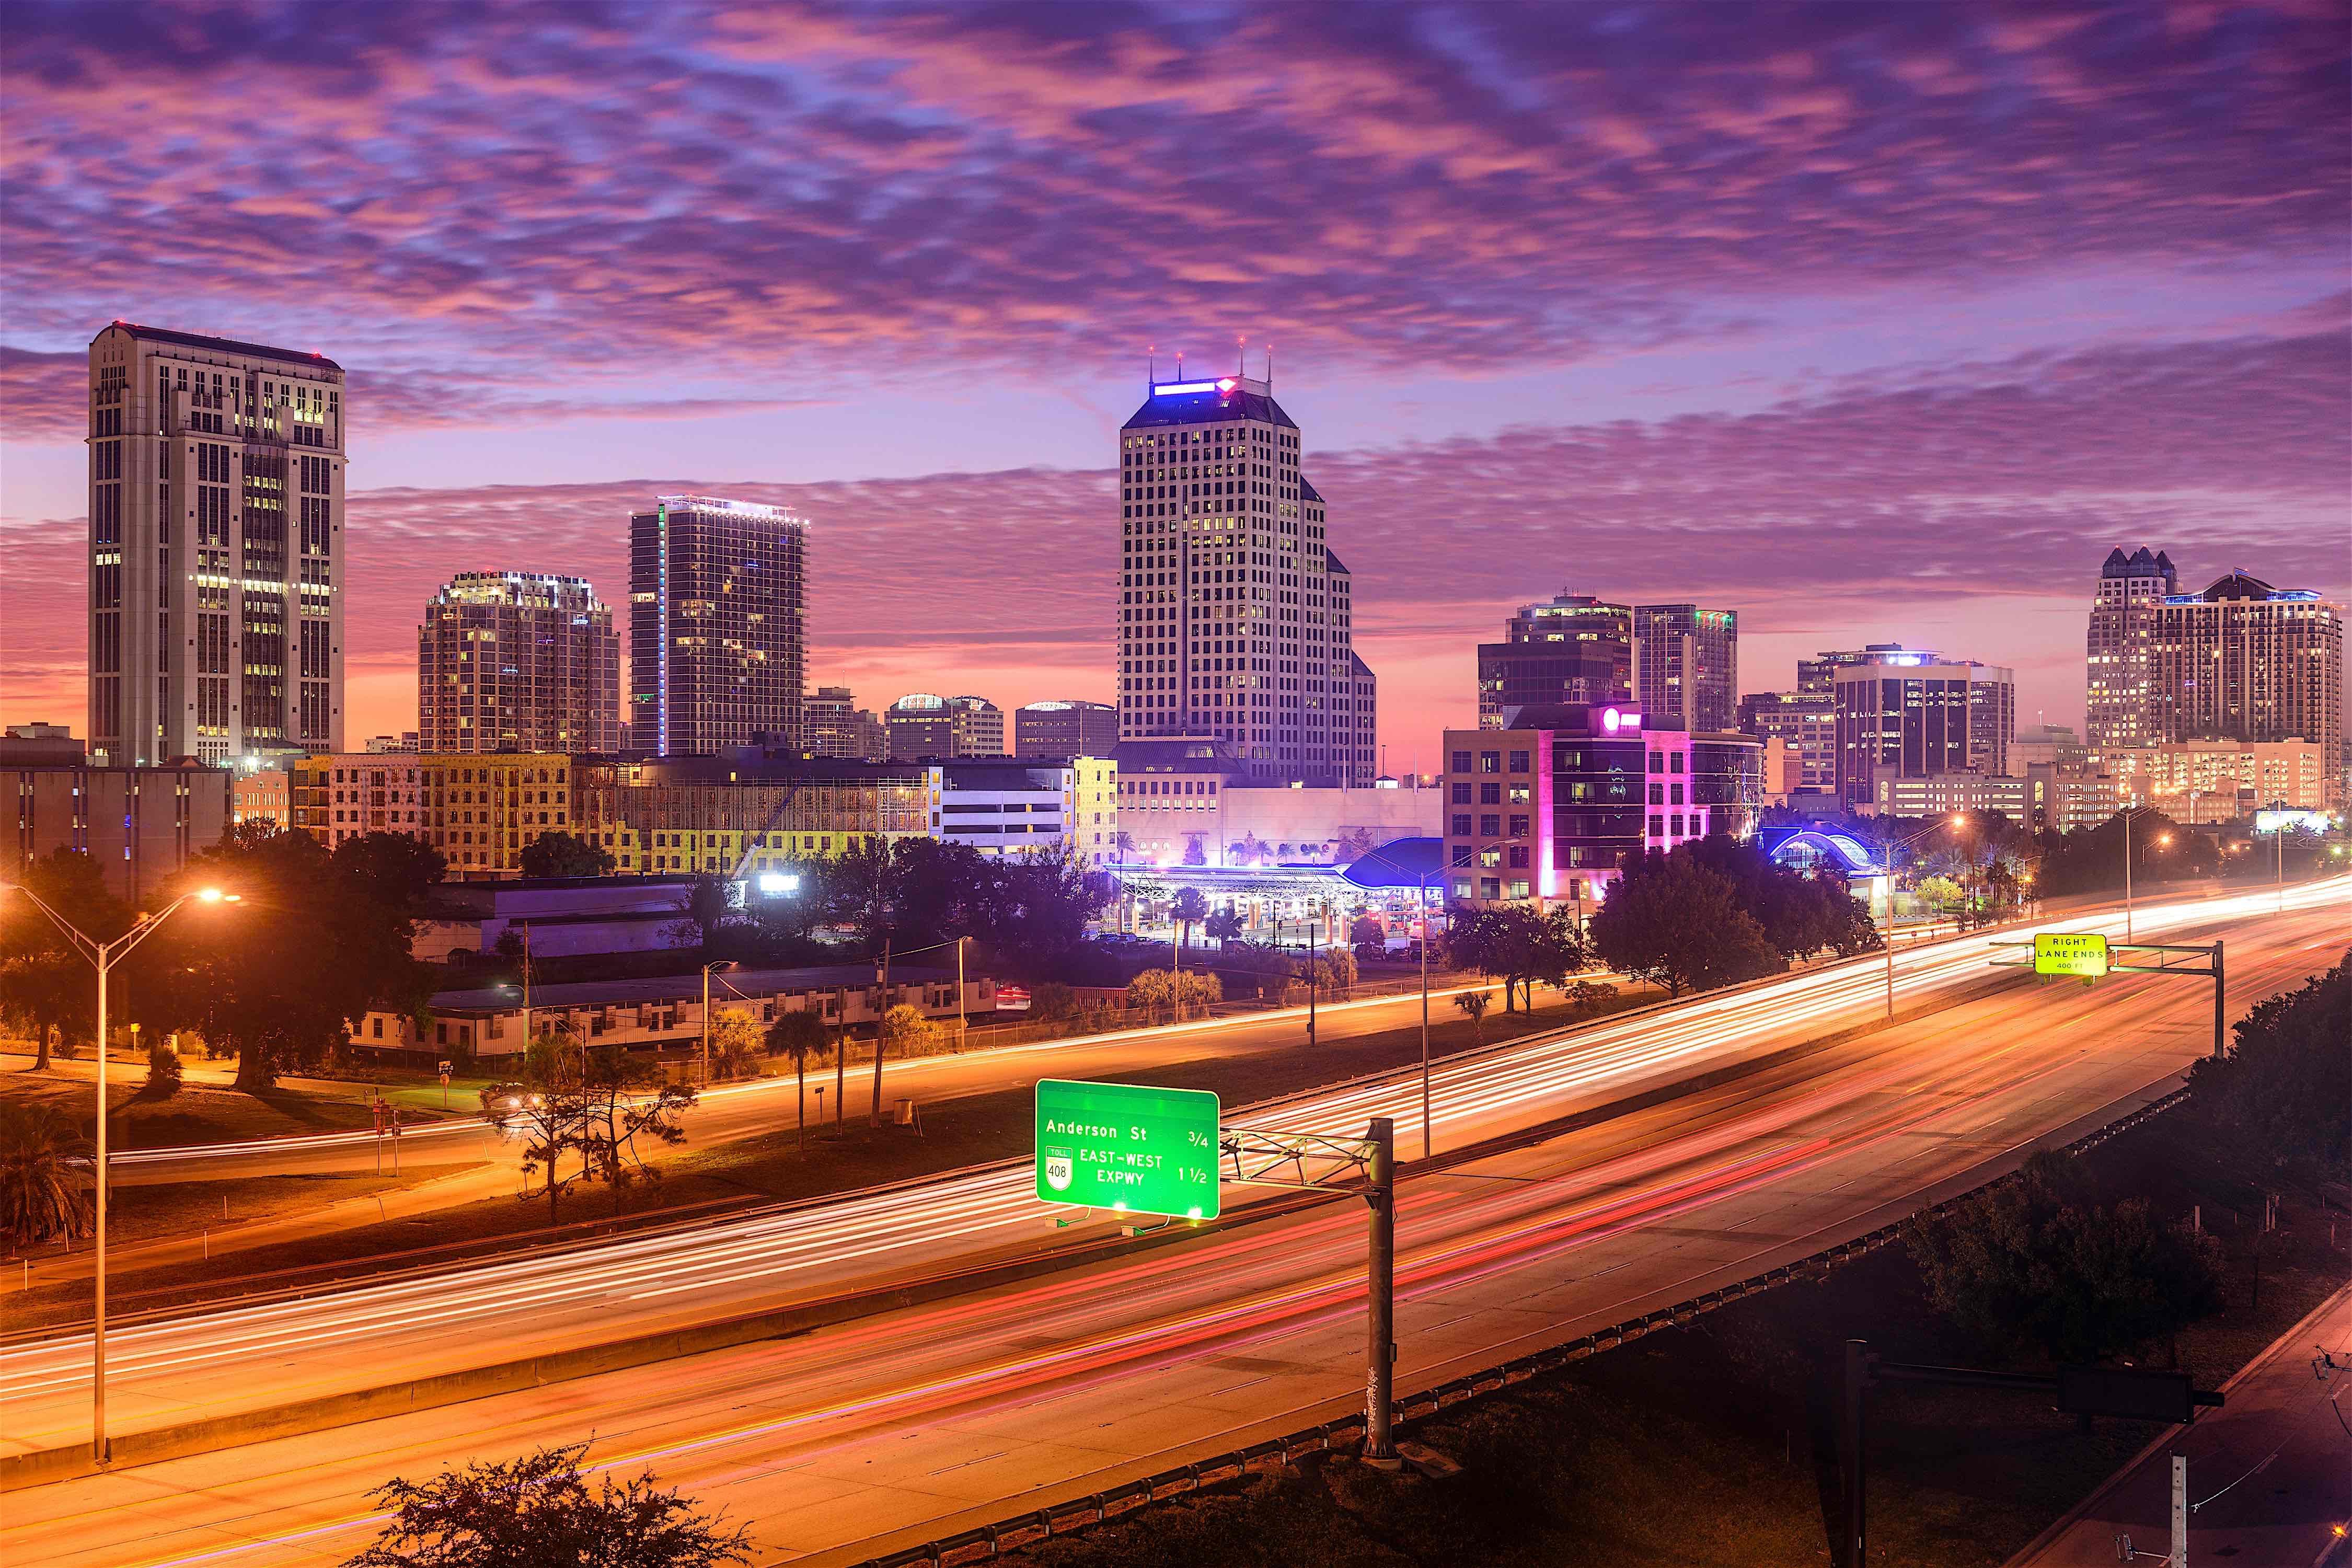 Orlando Fl Real Estate Market & Amp Trends 2016